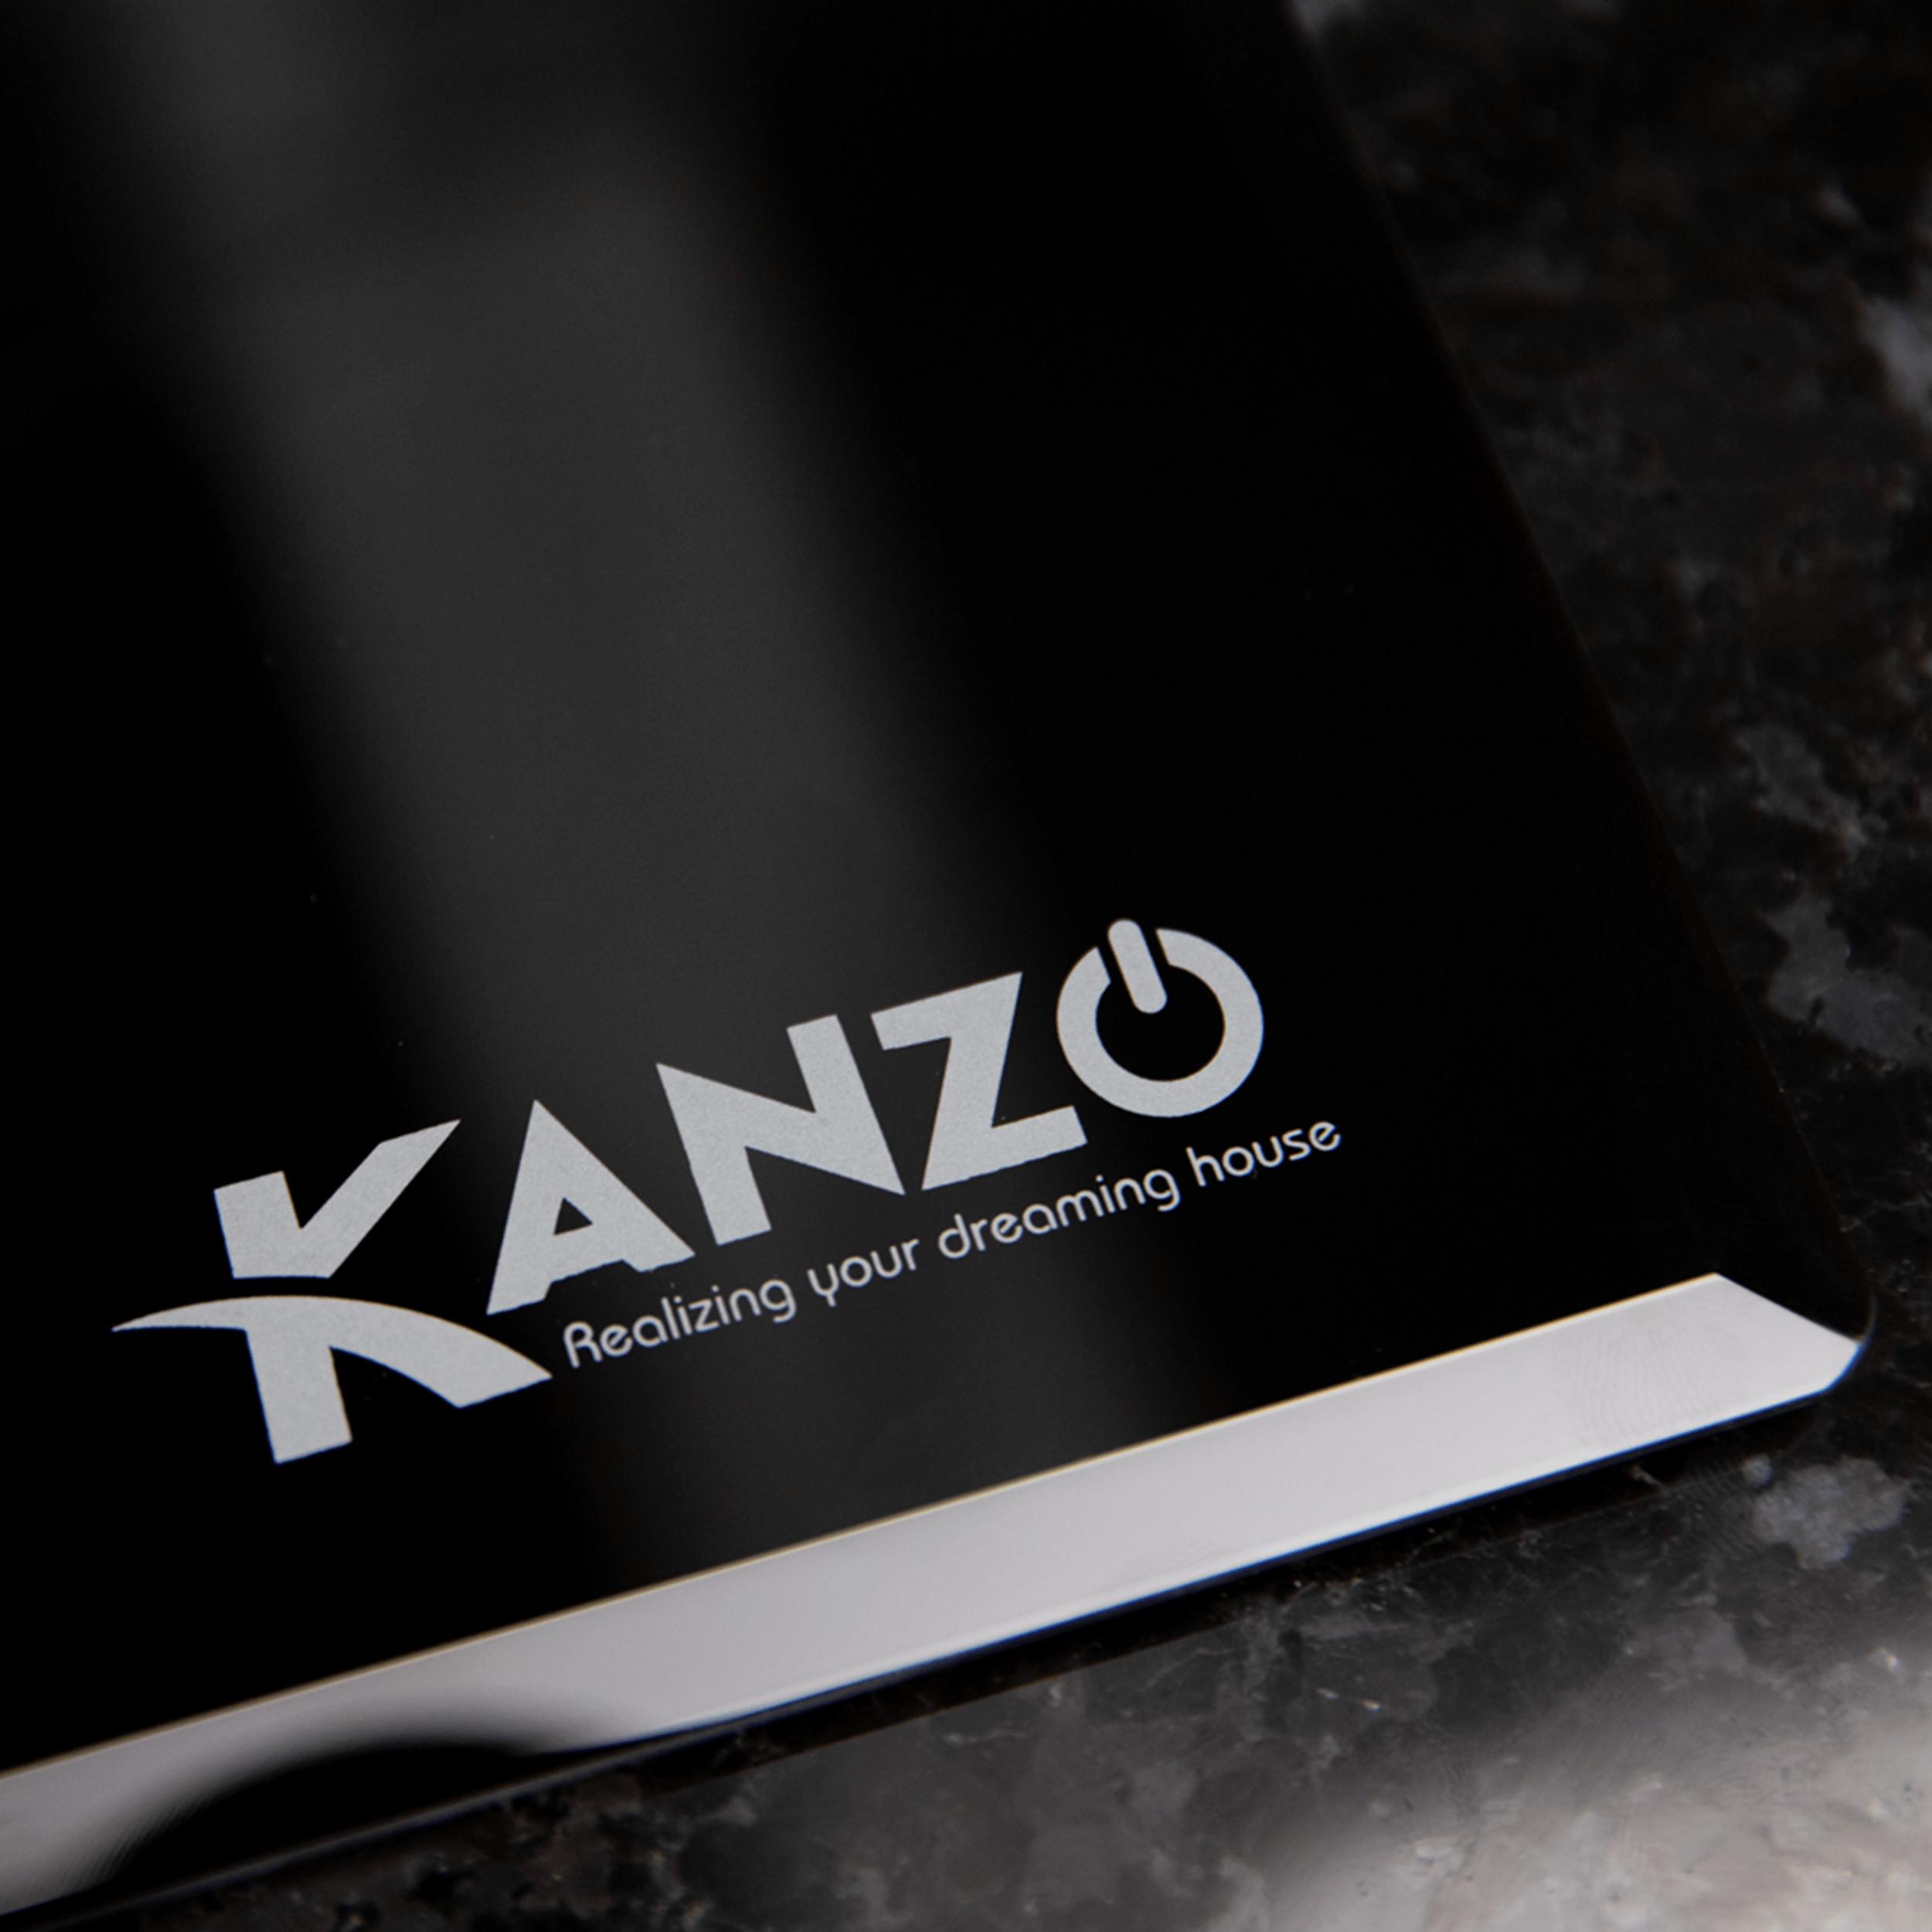 Bếp đôi đa năng KANZO KZ-666IH [01 BẾP TỪ + 01 BẾP HỒNG NGOẠI] - Invester tiết kiêm 35% - IGBT Siemens (Đức) - Hàng chính hãng